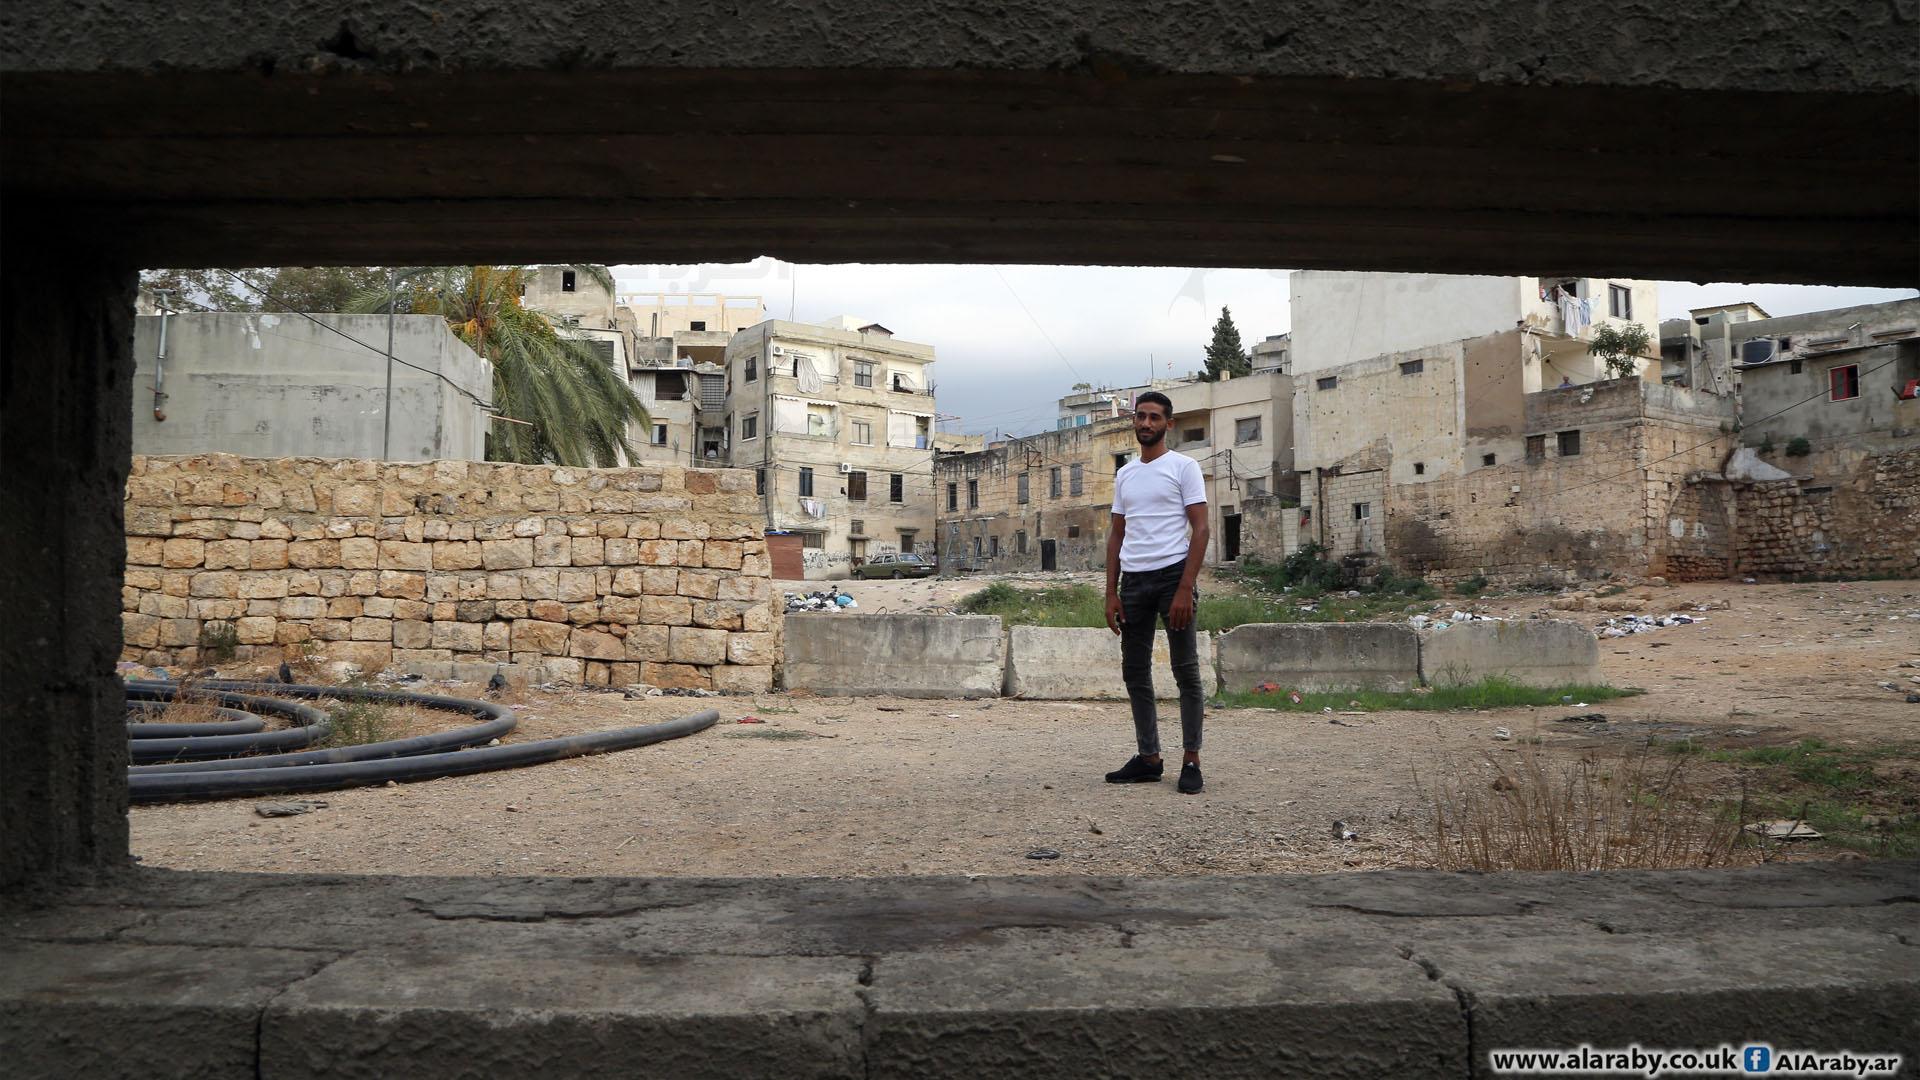 إبراهيم لاشين سبح طوال ساعتين ونصف الساعة (حسين بيضون)